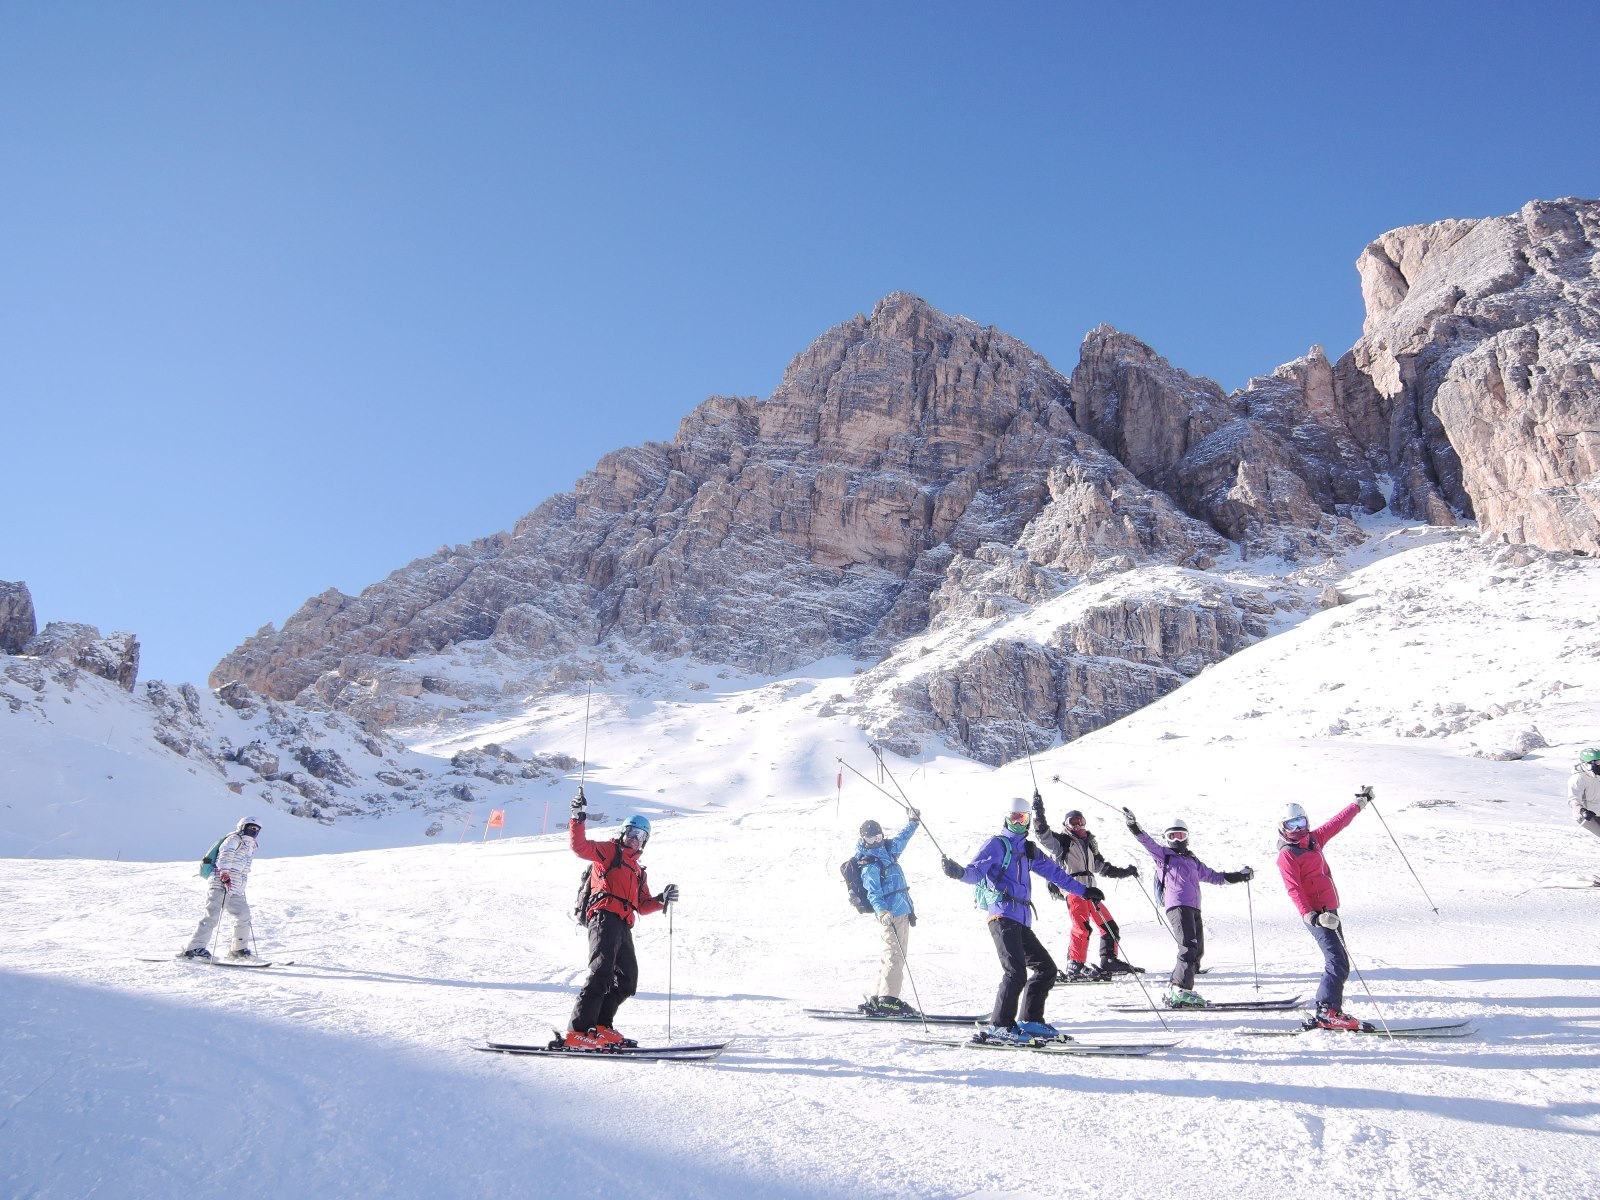 大迫力の岩峰群を眺めながらスキーを満喫